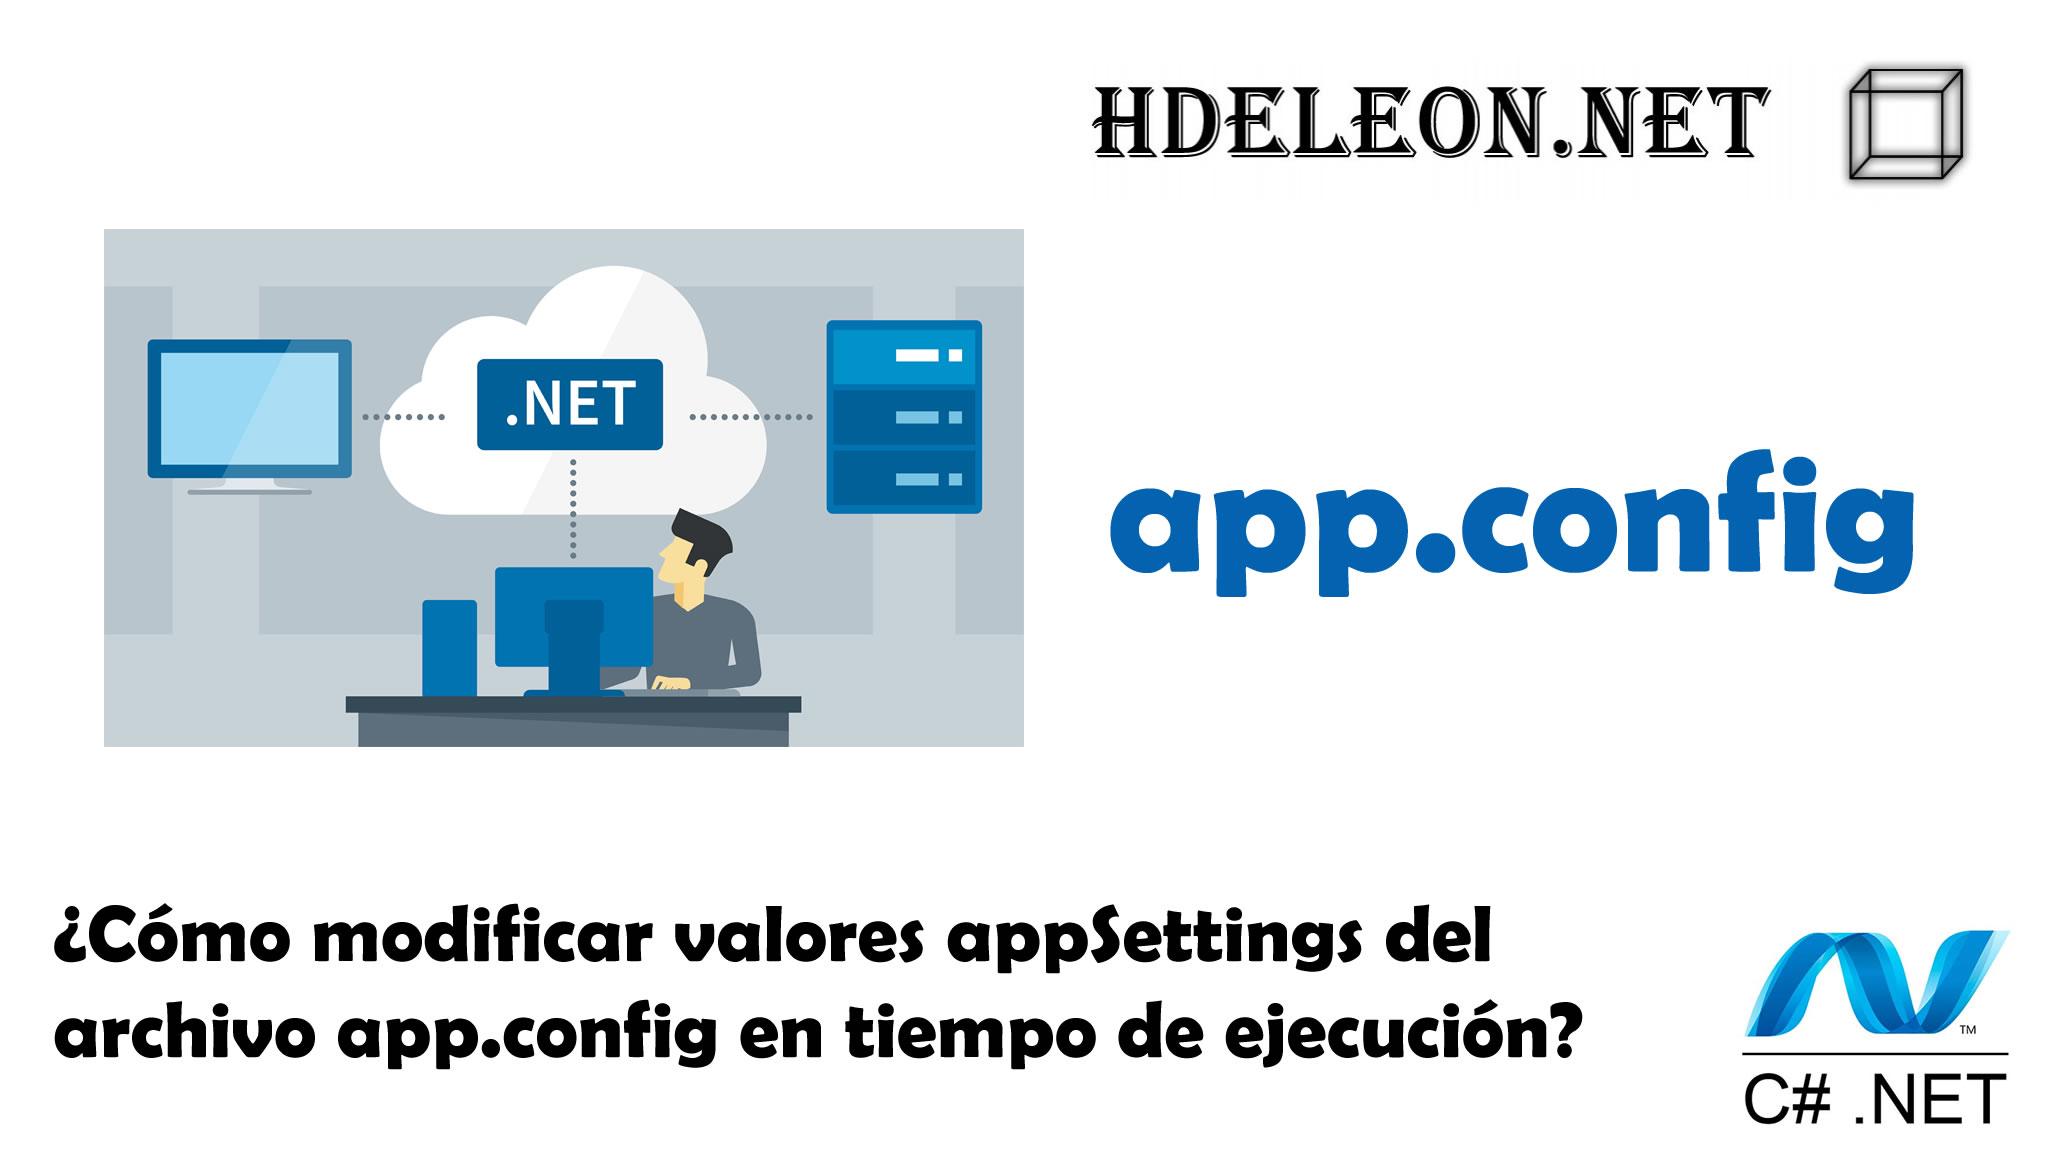 ¿Cómo modificar valores appSettings del archivo app.config en tiempo de ejecución? C# .Net